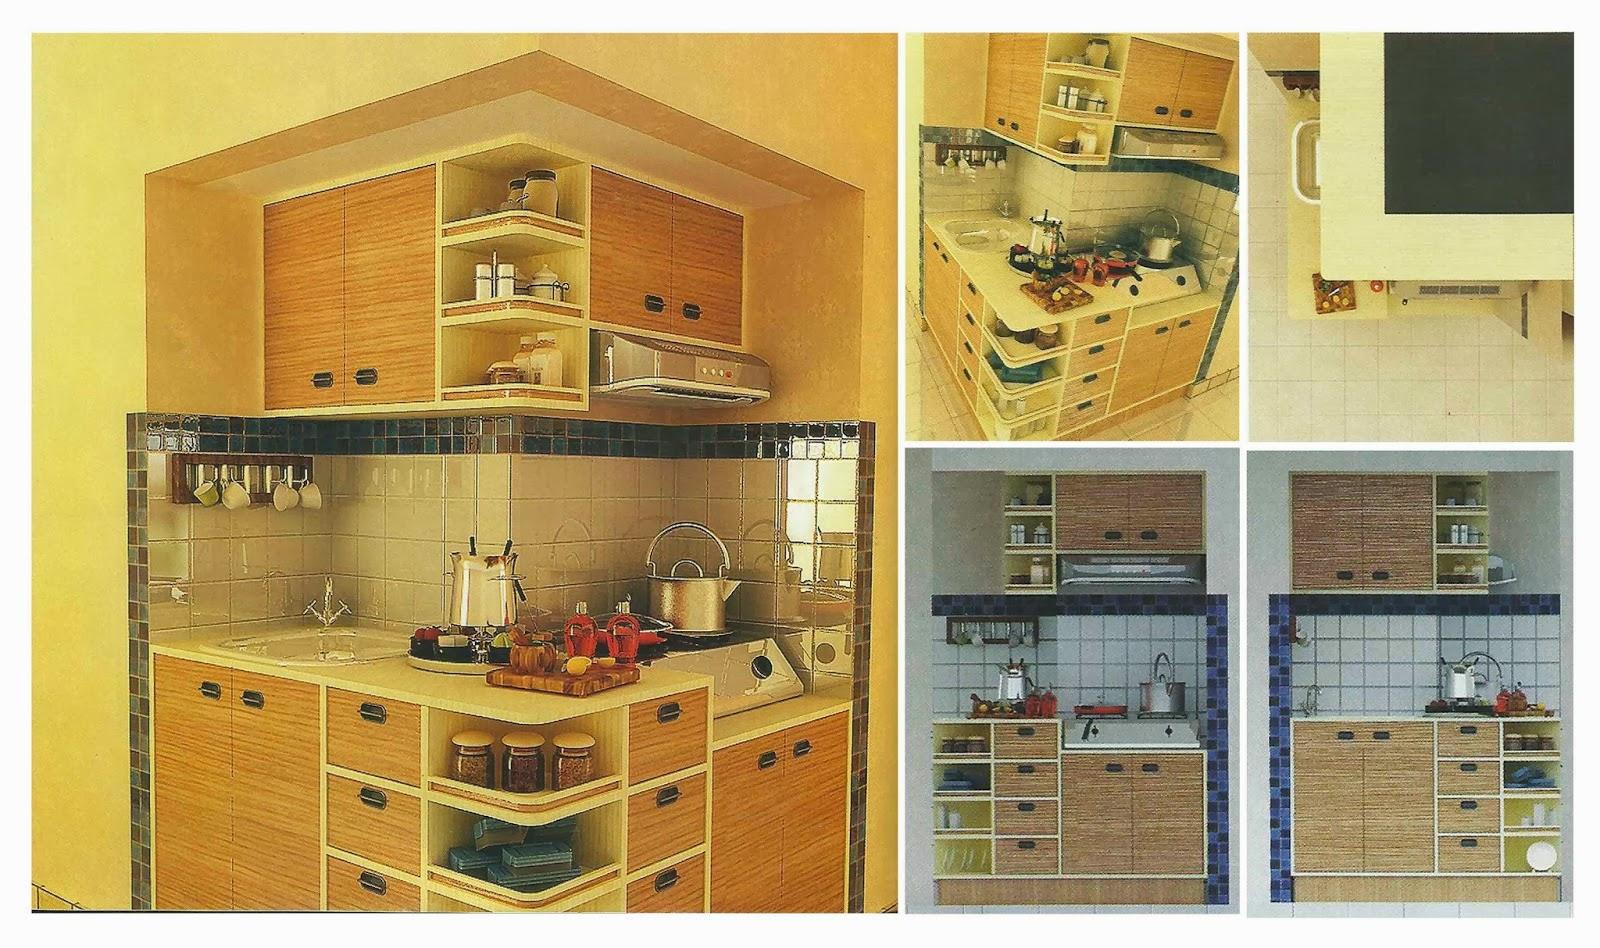 Jasa Desain Rumah Interior Dan Borongan Kitchen Set Natural